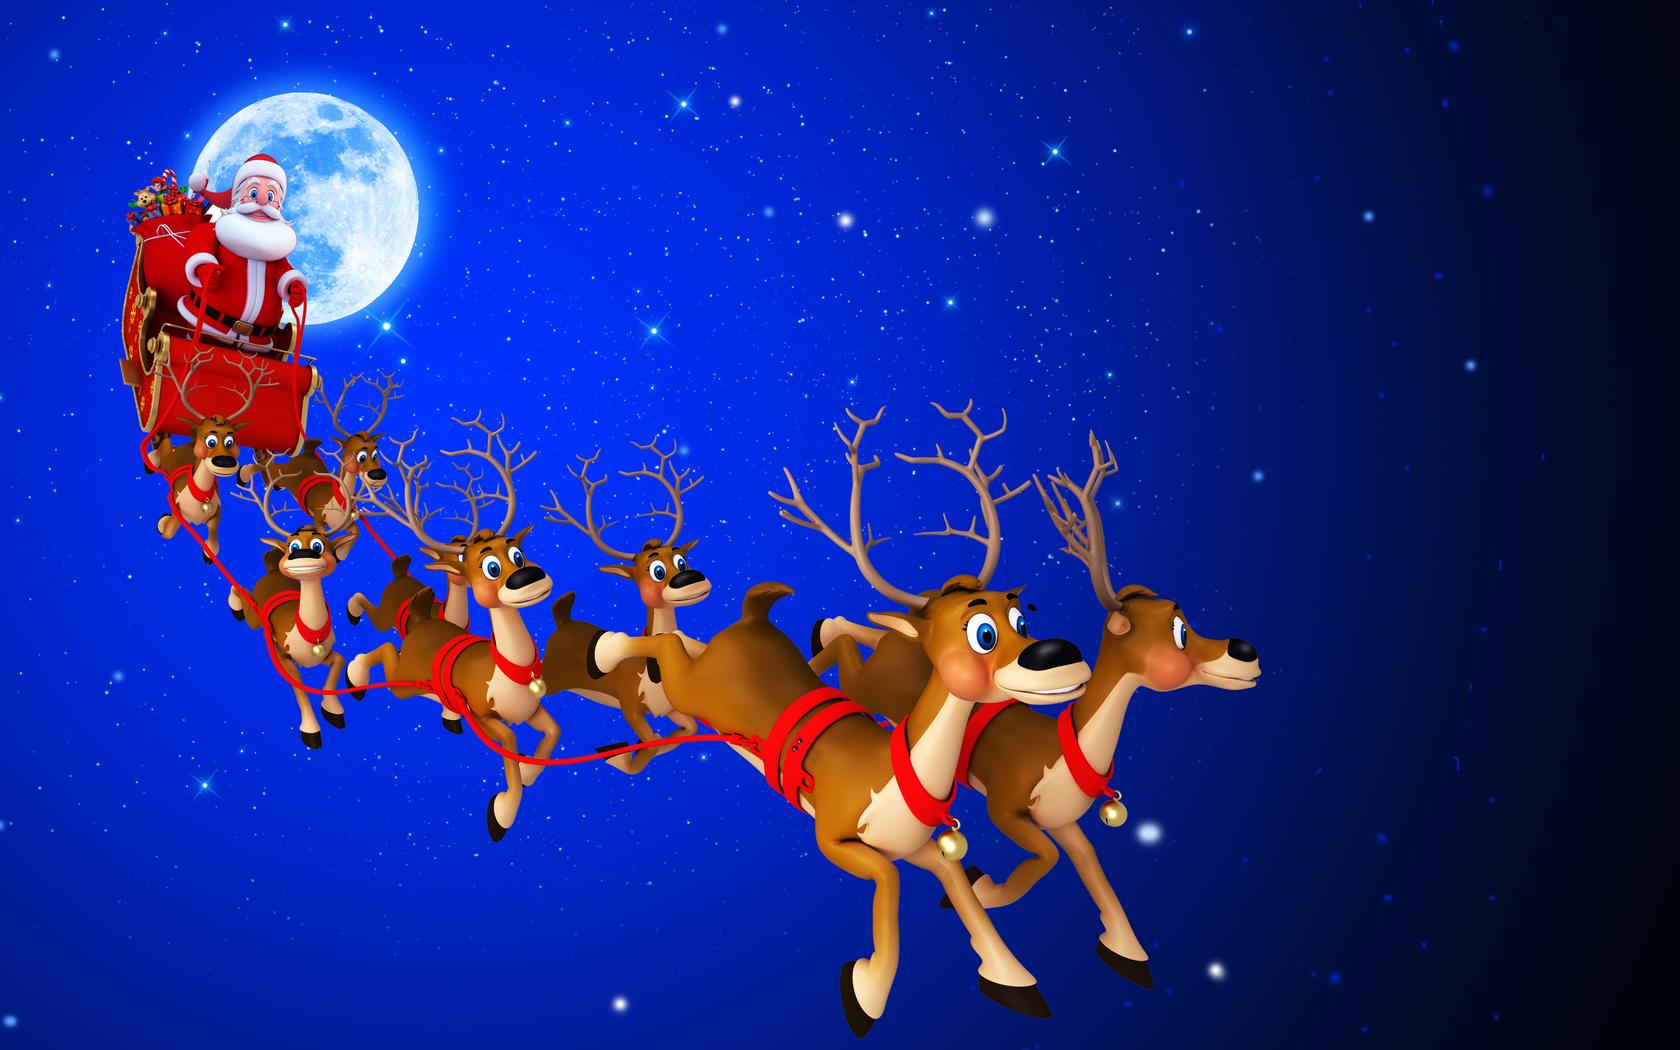 好看的2015年圣诞节高清ppt背景图片下载